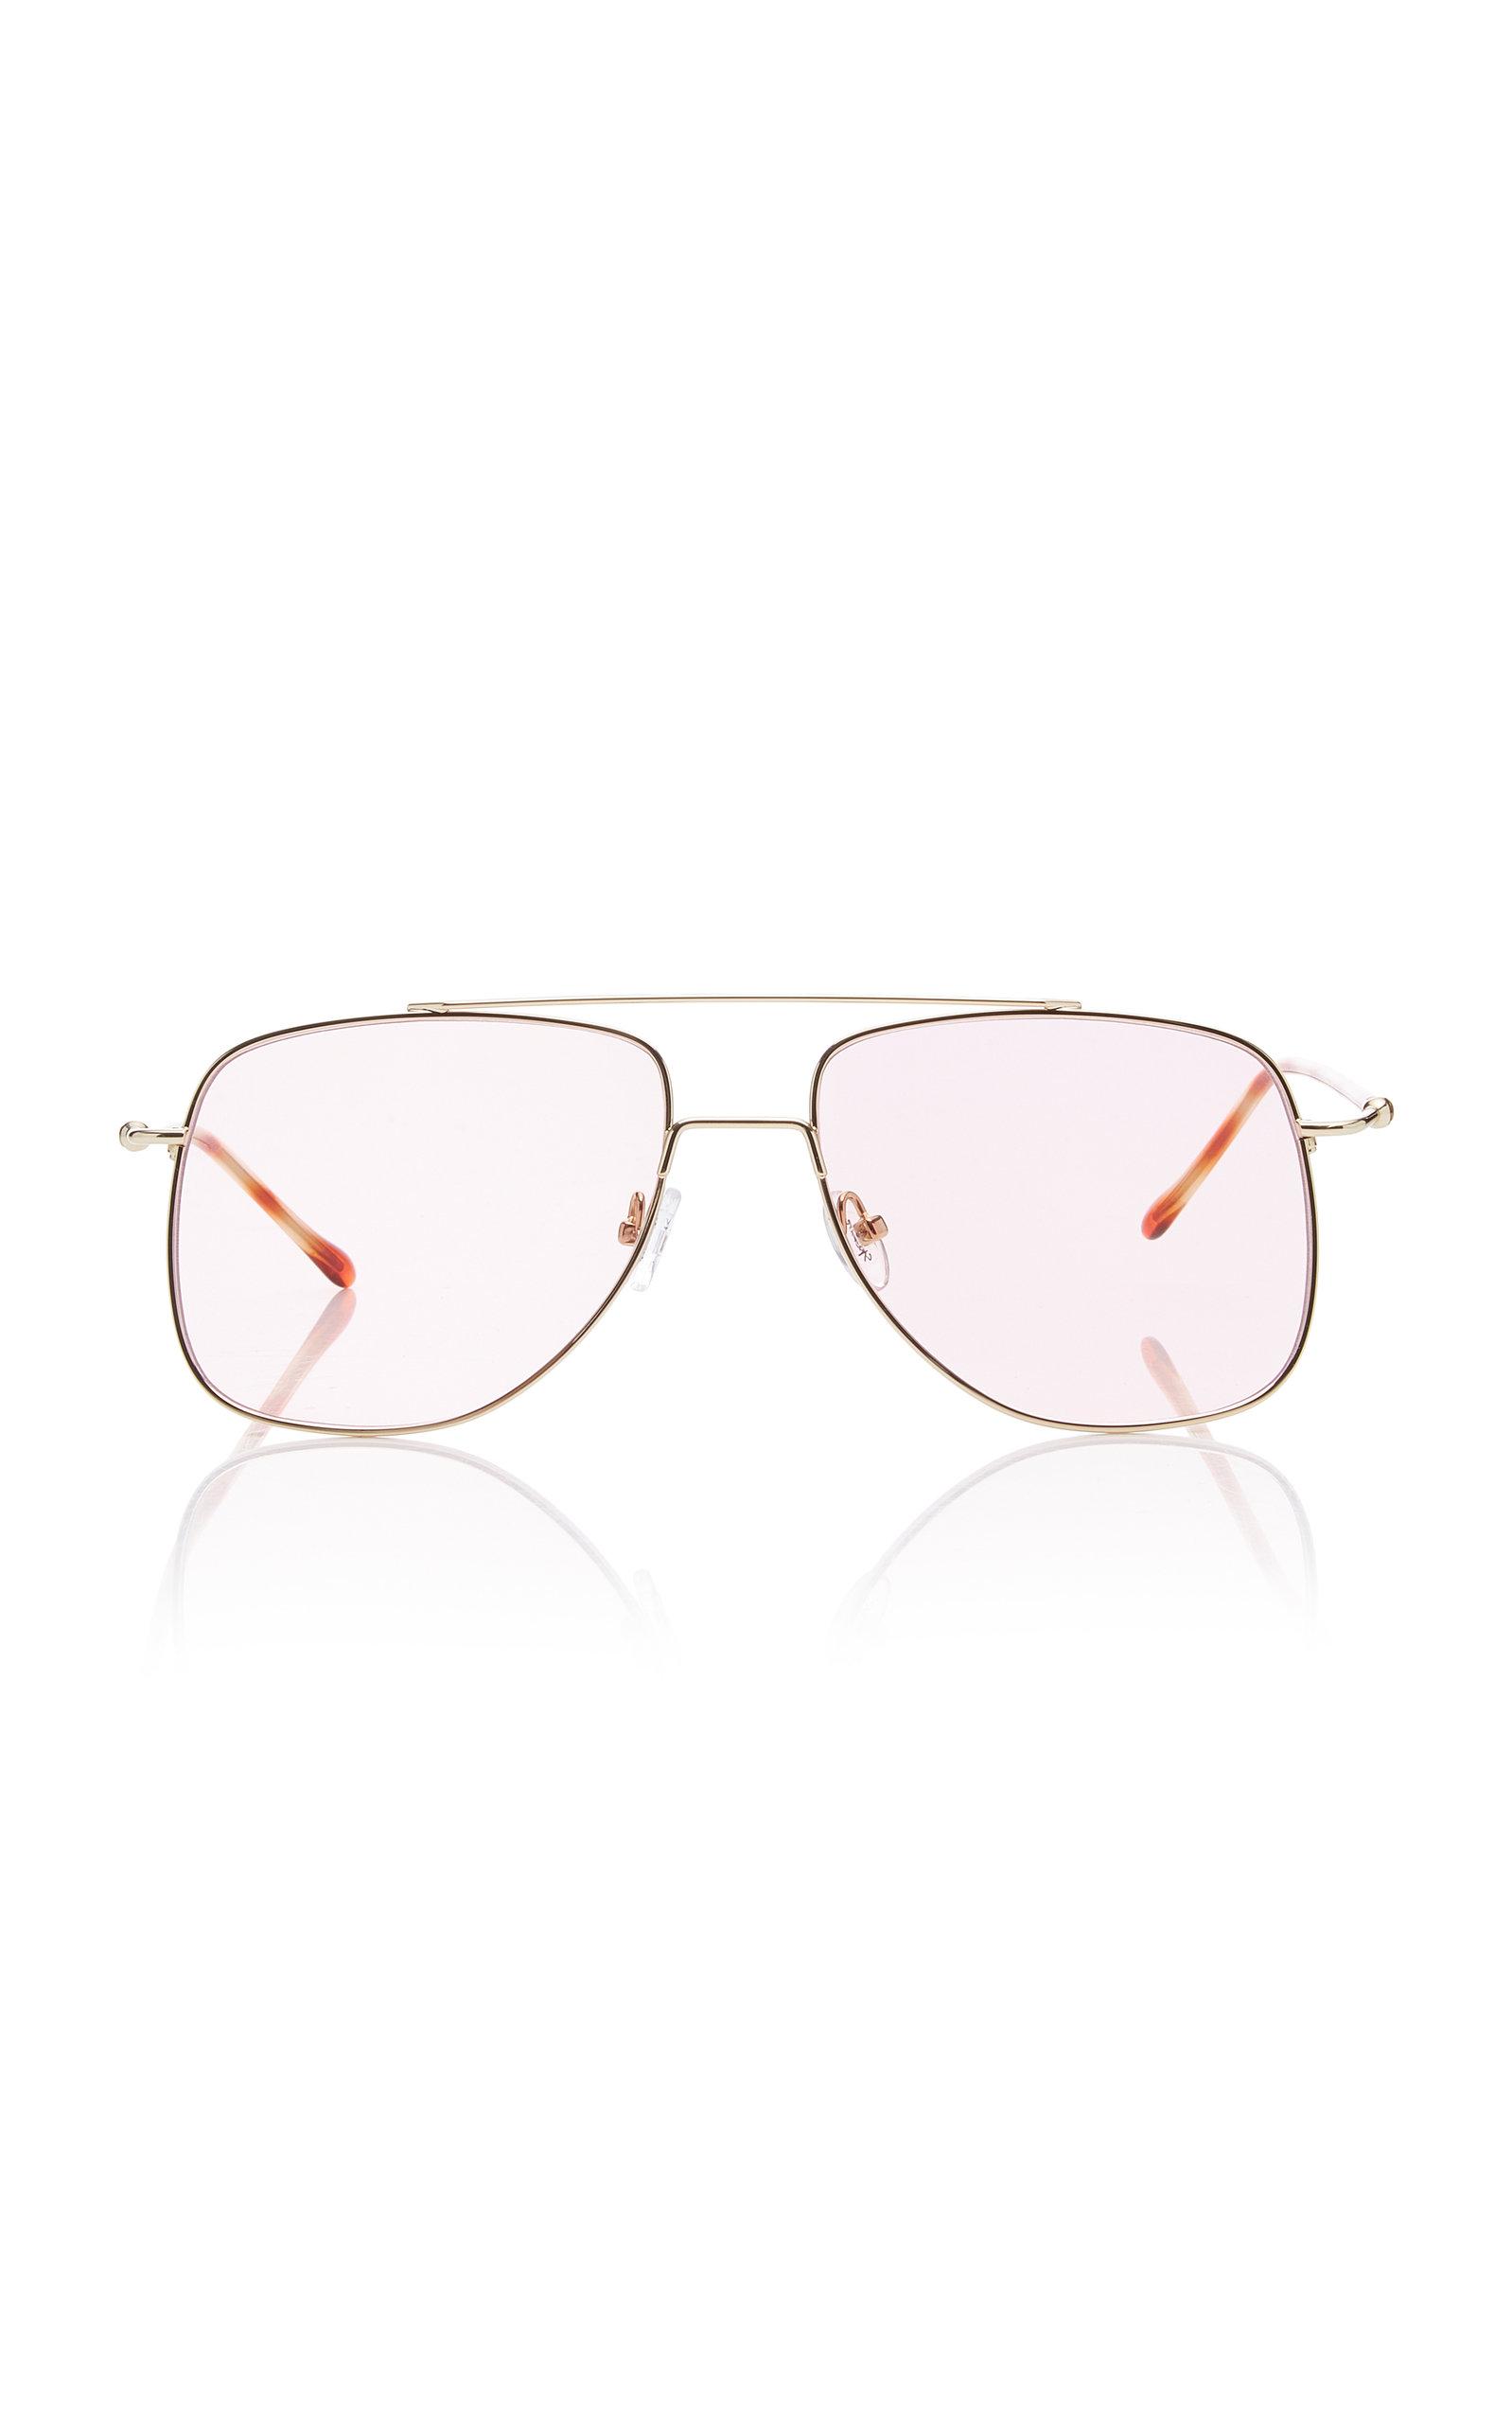 SPEKTRE Maranello Aviator-Style Silver-Tone Sunglasses in Pink